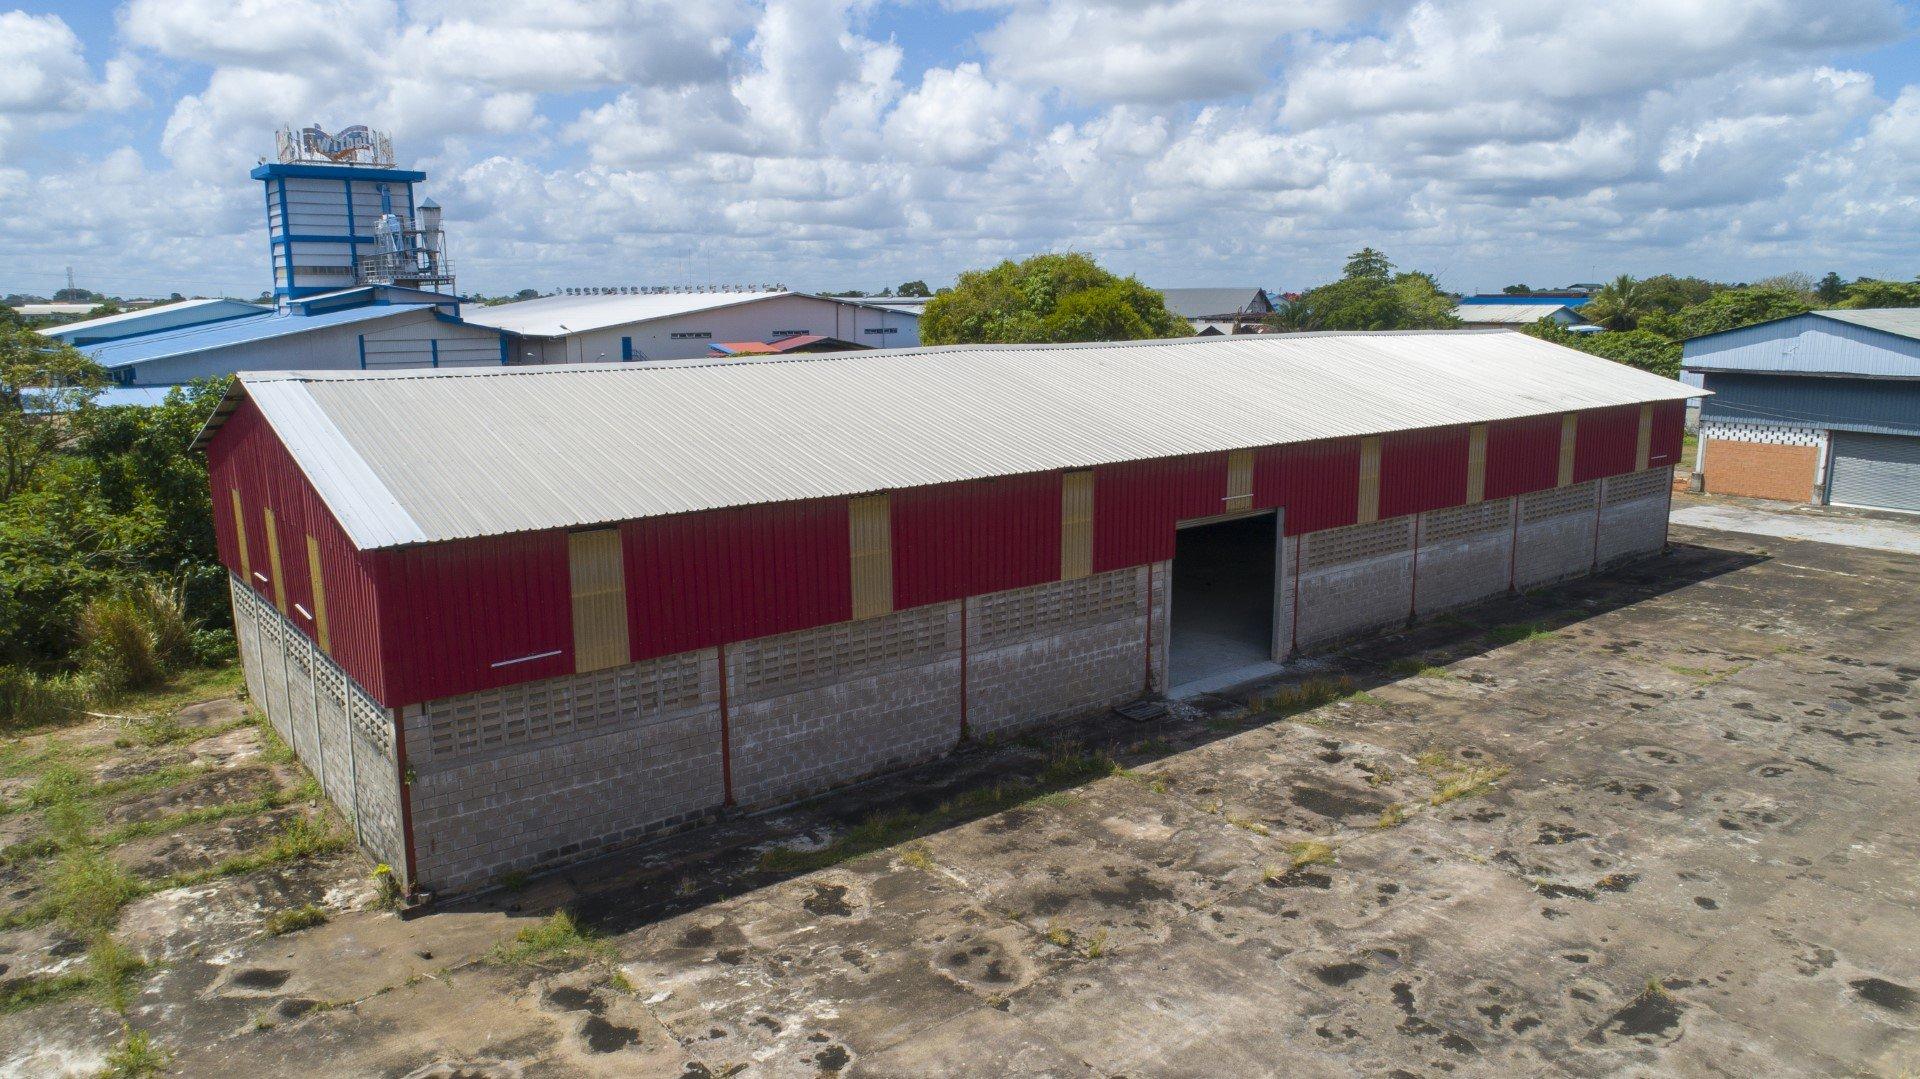 Industrieweg Noord 31 - Top loods met kantoor in industriële en gemakkelijke bereikbare omgeving. - Surgoed Makelaardij NV - Paramaribo, Suriname